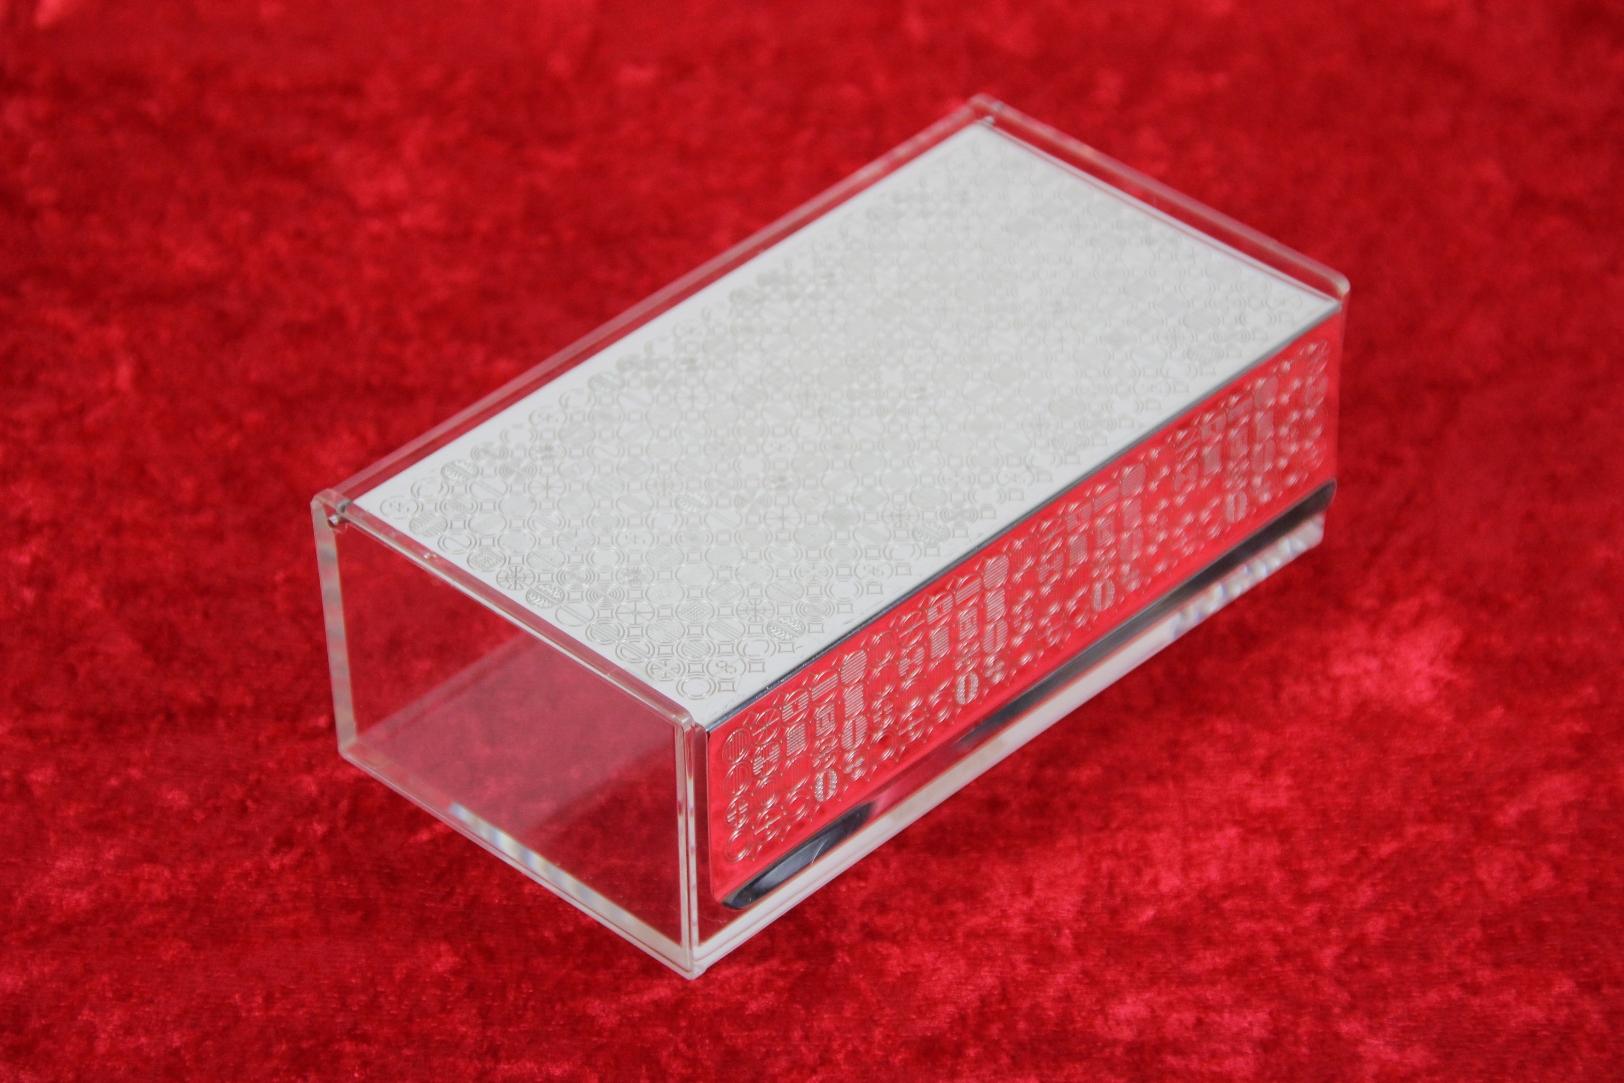 wmf serviettenhalter serviettenbox klappdeckel s collection plexi cromargan ebay. Black Bedroom Furniture Sets. Home Design Ideas